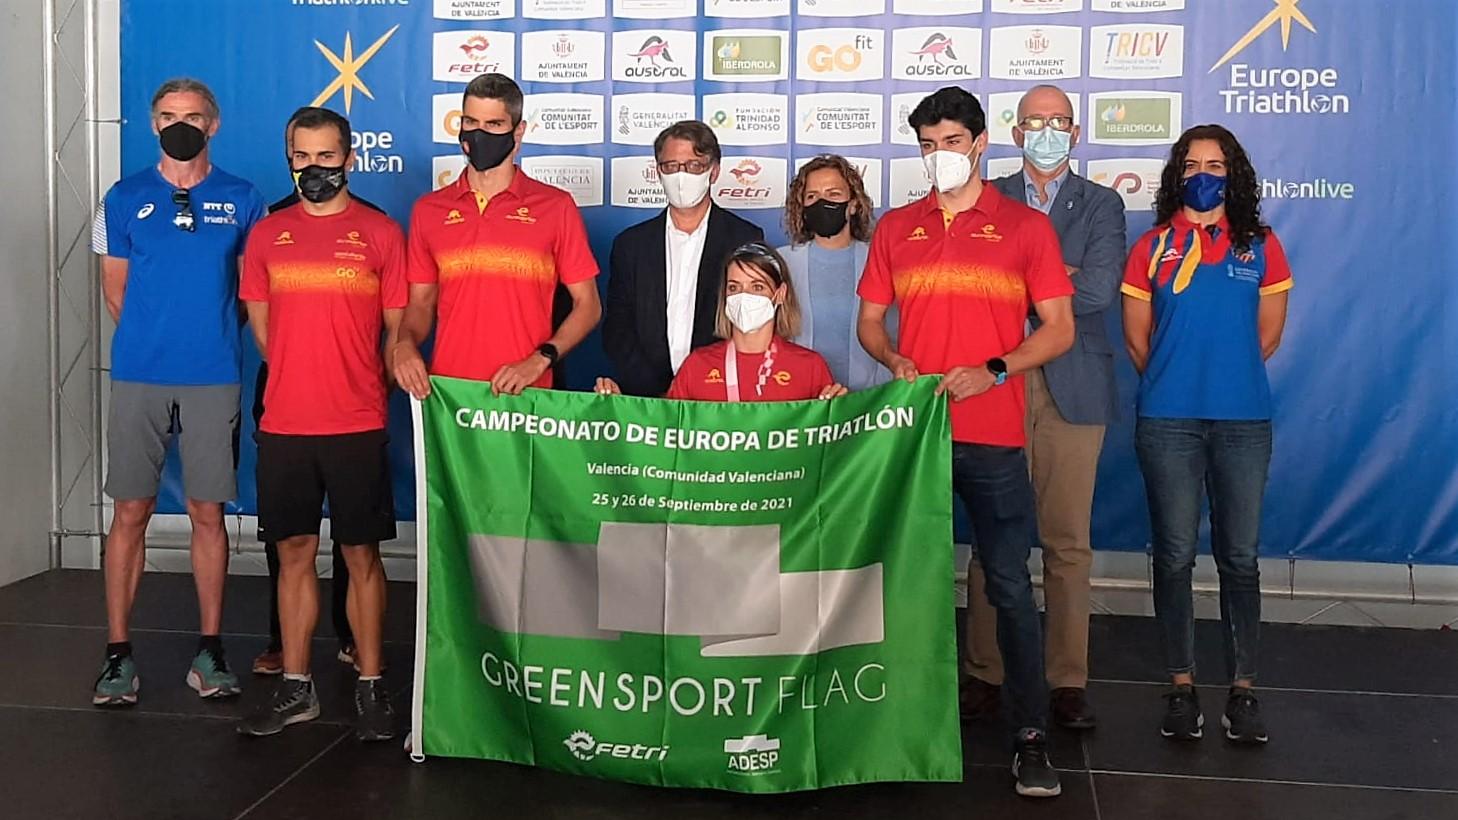 Valencia, primera ciudad en celebrar un Campeonato de Europa de Triatlón tras la pandemia